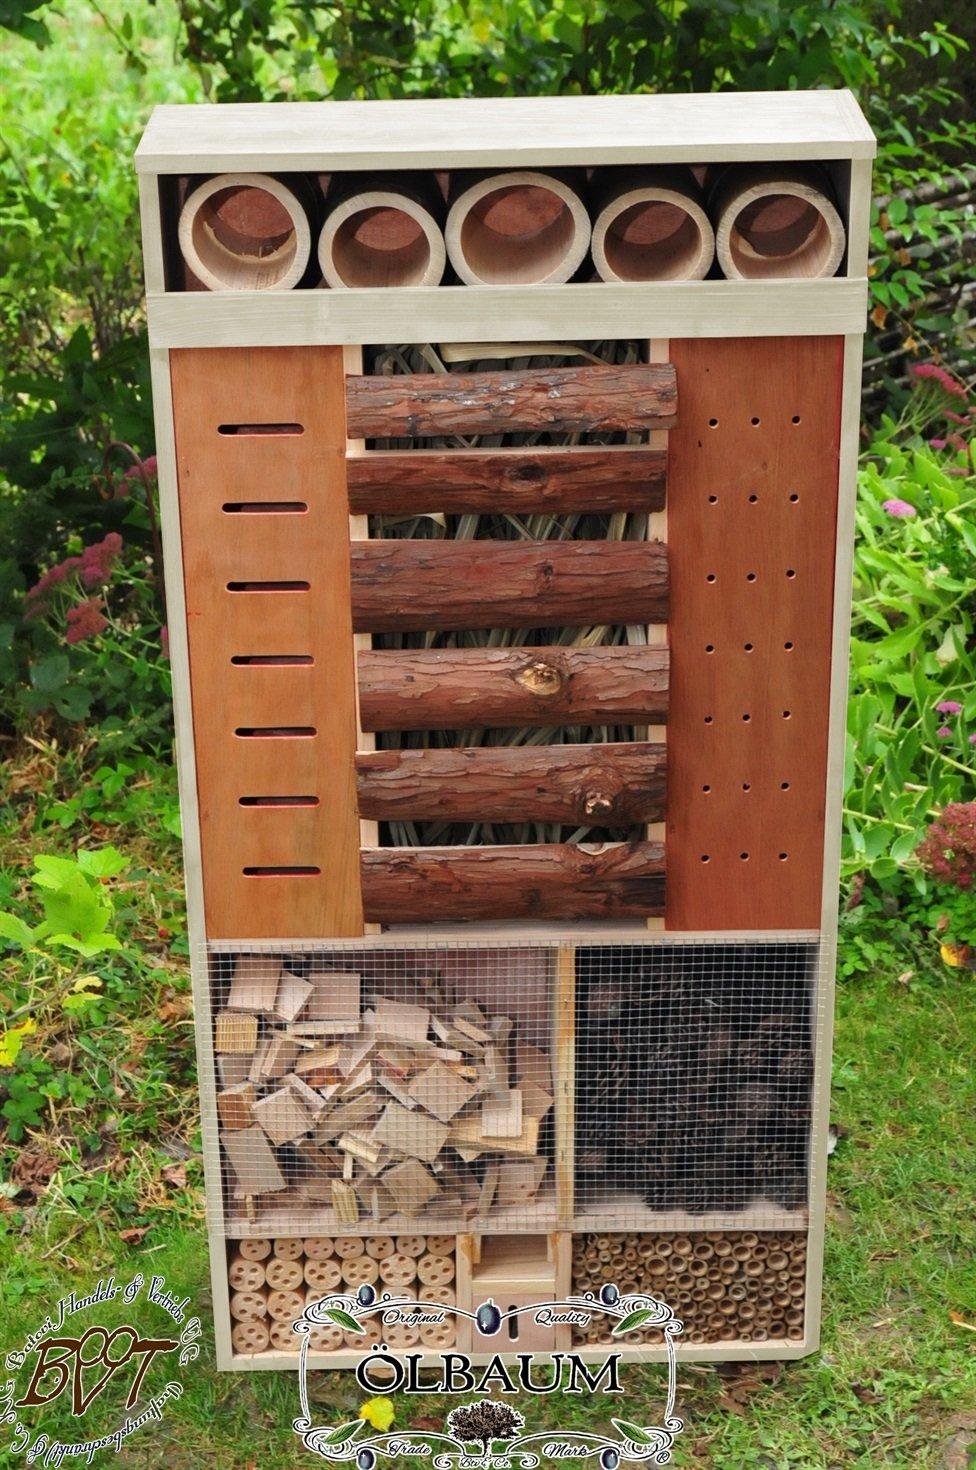 Insektenhotel, XXL, FRONT DUNKEL-BRAUN,wetterfest IN HELLGRAU LASURLACK,INXXL-VDU-BEL-grau002 robust,stabil,wetterfest,Insektenhotel Insektenhaus, Schmetterlingshaus Nistkasten, Insektenhotel,futterhaus für Insekten & Vögel,WINTERFEST,Schmetterlingshaus-Station Farbe grau hellgrau lichtgrau taupe / natur NEU,Ausführung Naturholz MIT WETTERSCHUTZ-FRONT für trockenes Futter, Vollholz